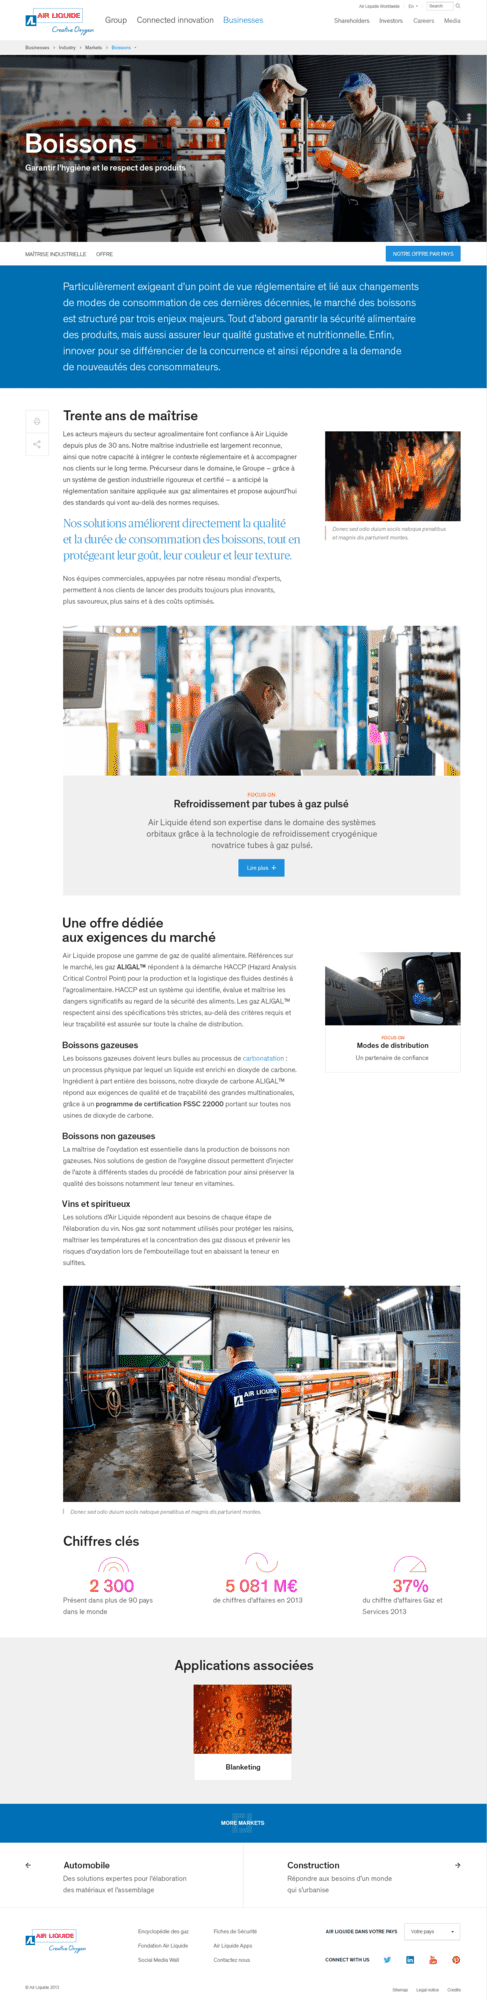 Air Liquide site institutionnel